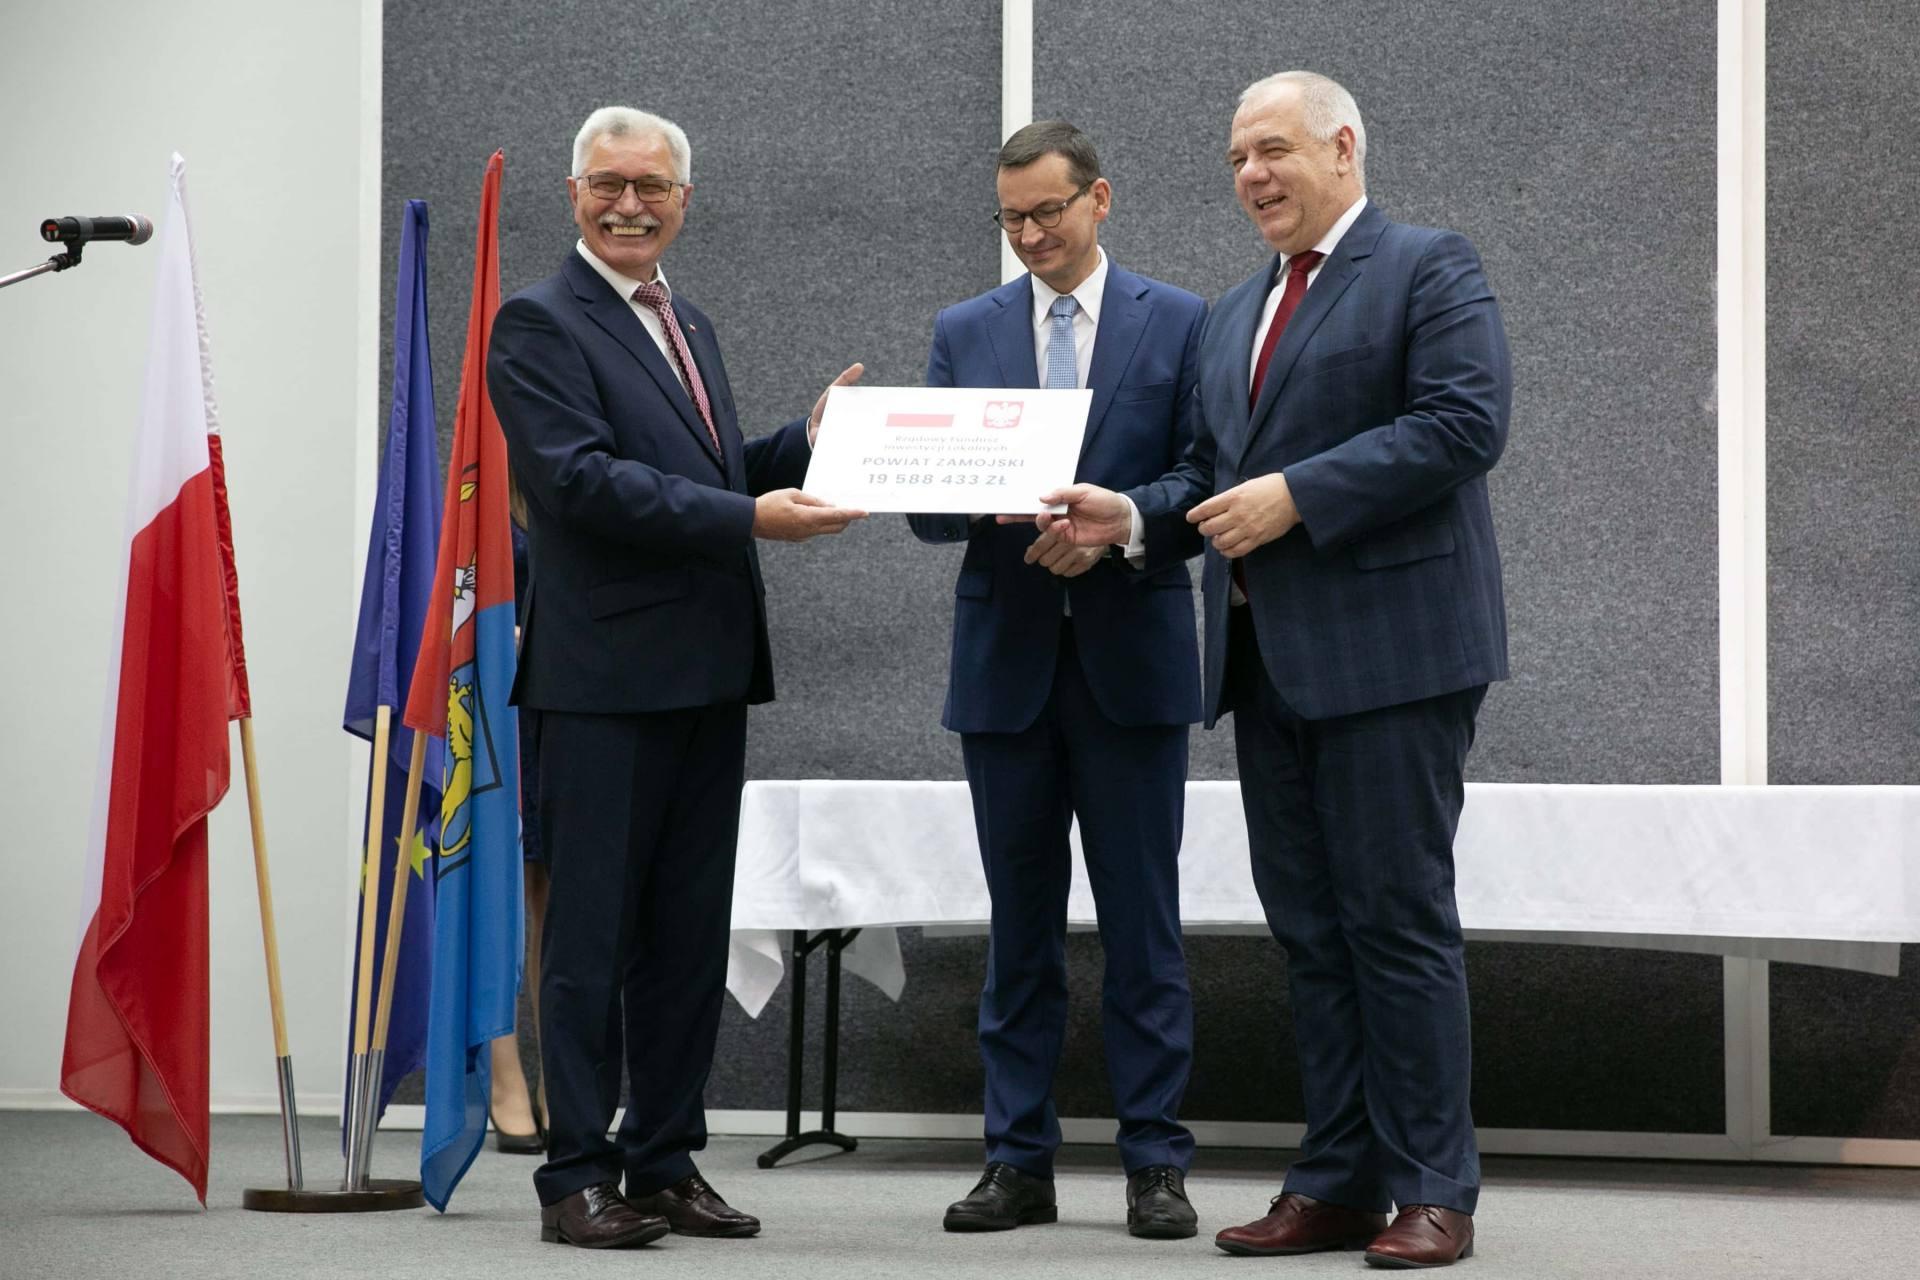 premier morawiecki w zamosciu 33 Premier Mateusz Morawiecki spotkał się z samorządowcami z Zamojszczyzny [ZDJĘCIA]